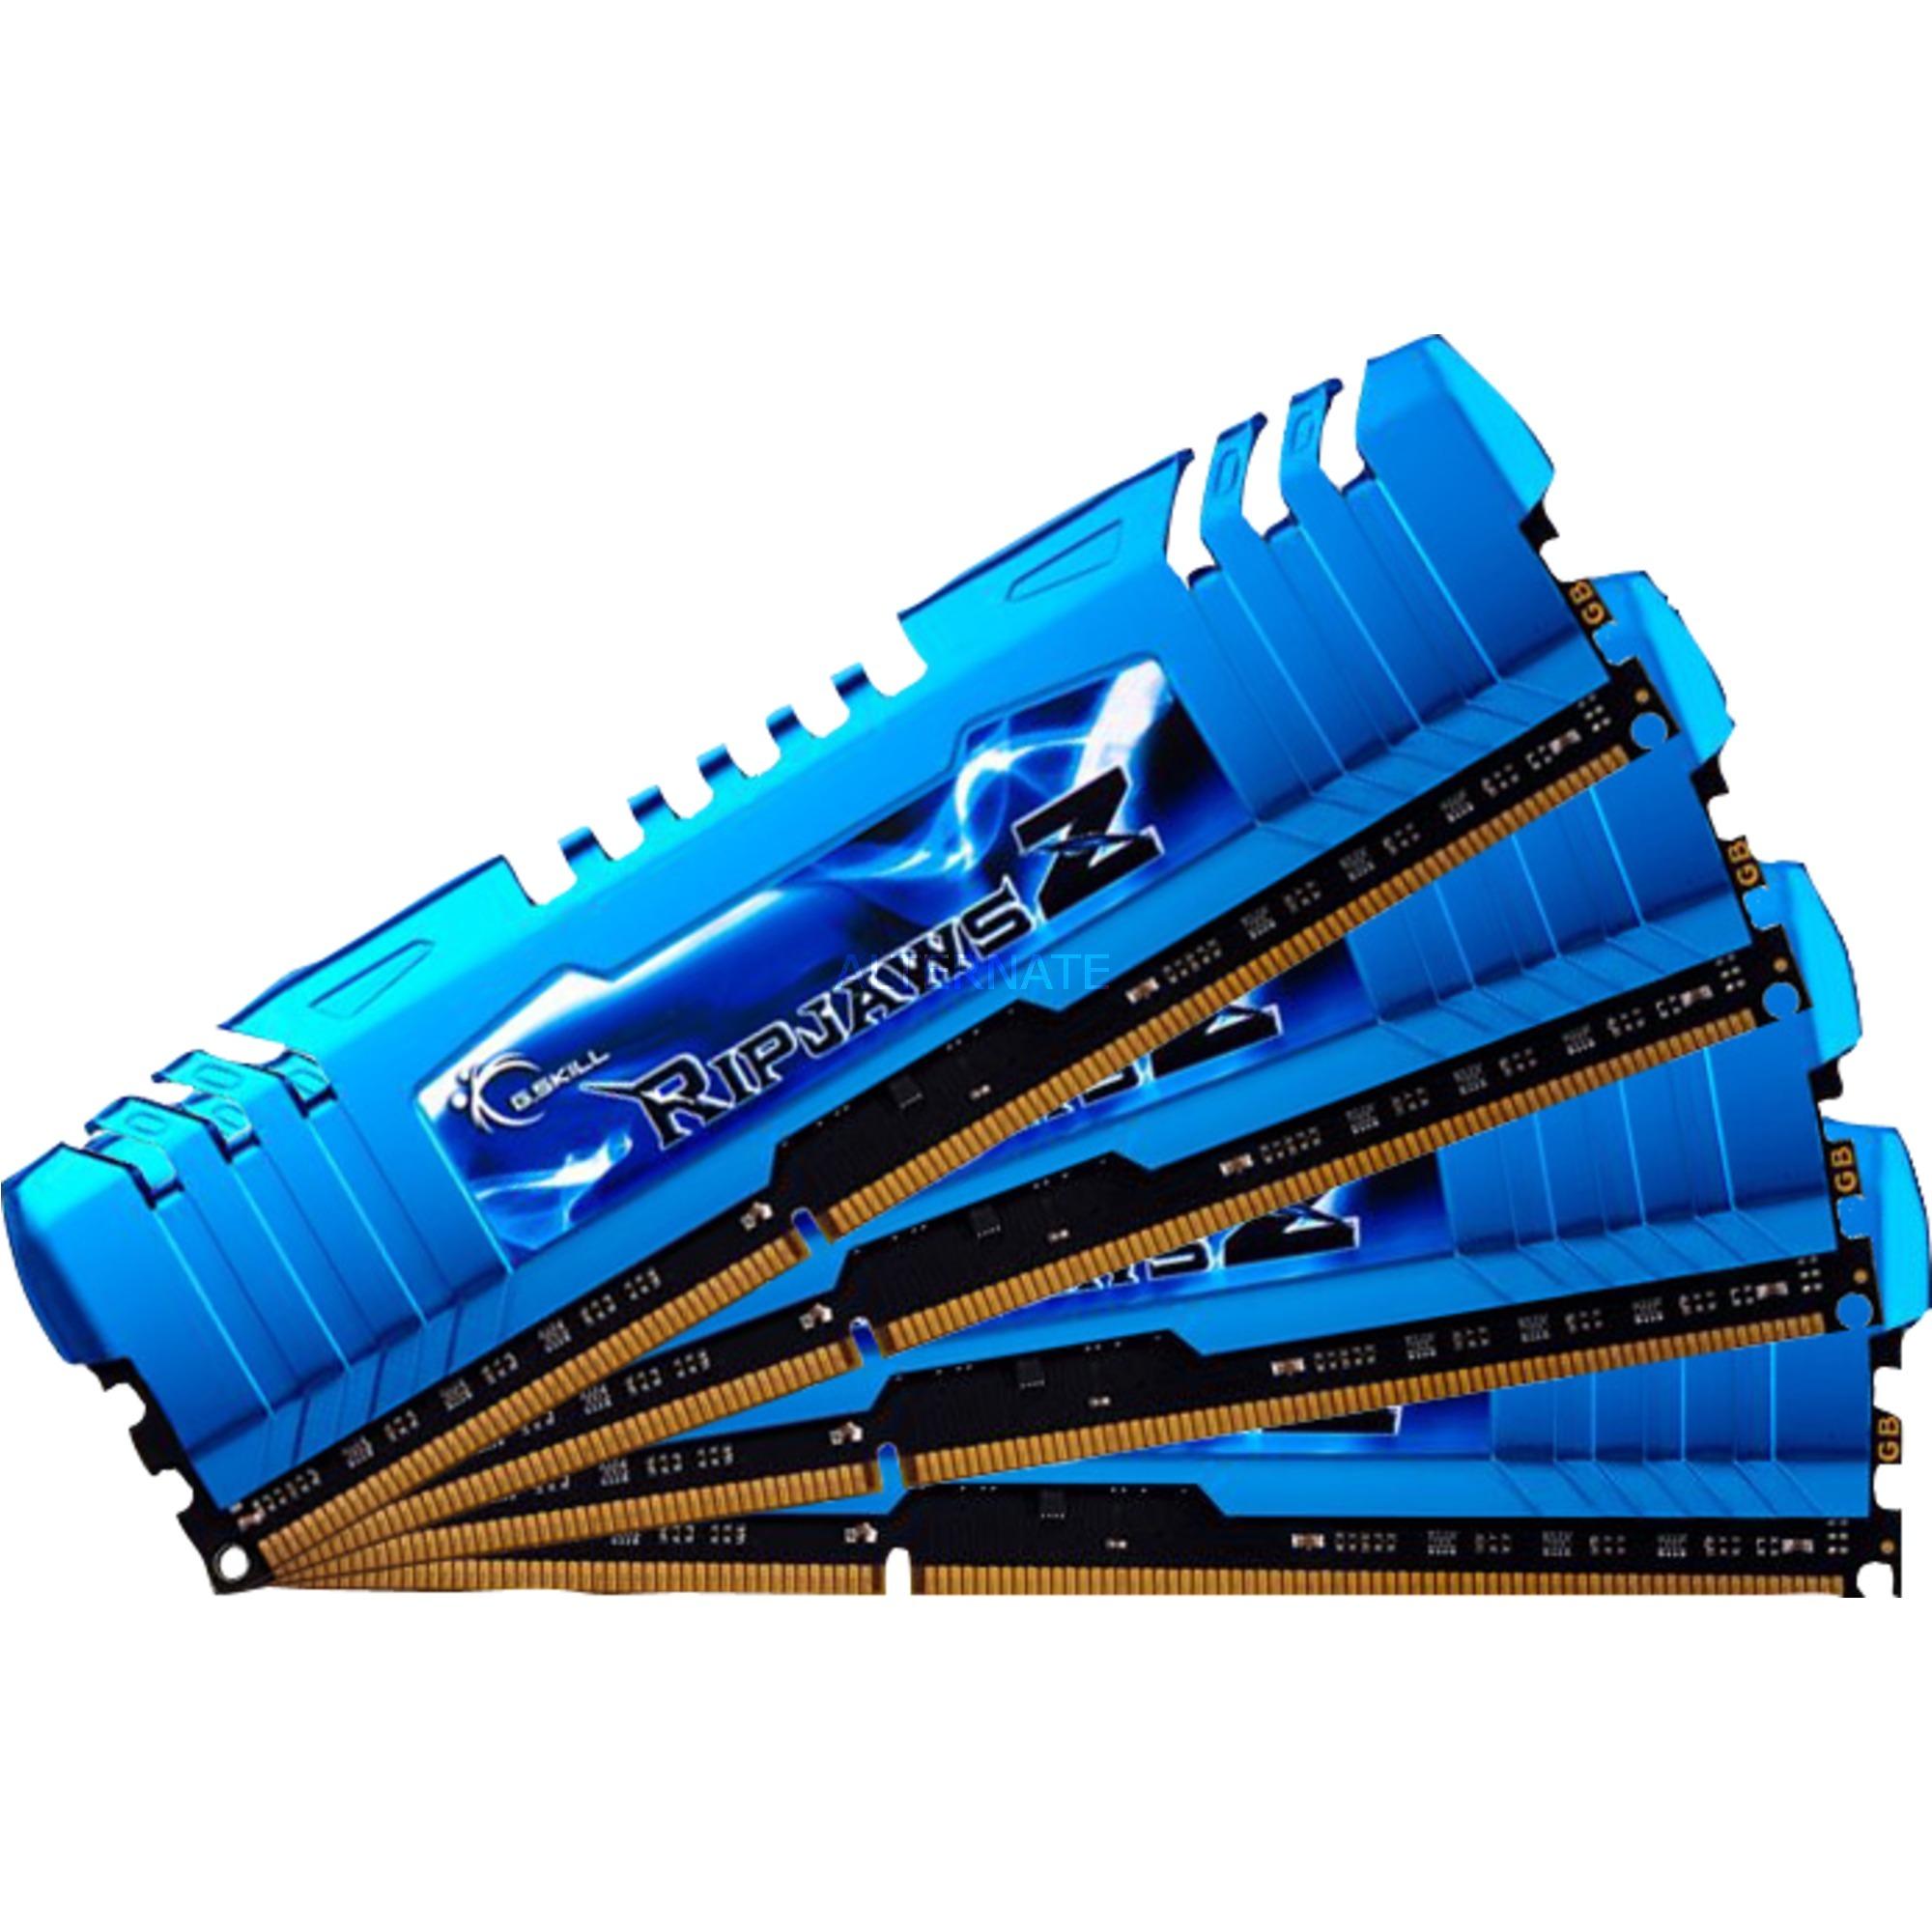 16GB DDR3-2133 16GB DDR3 2133MHz módulo de memoria, Memoria RAM